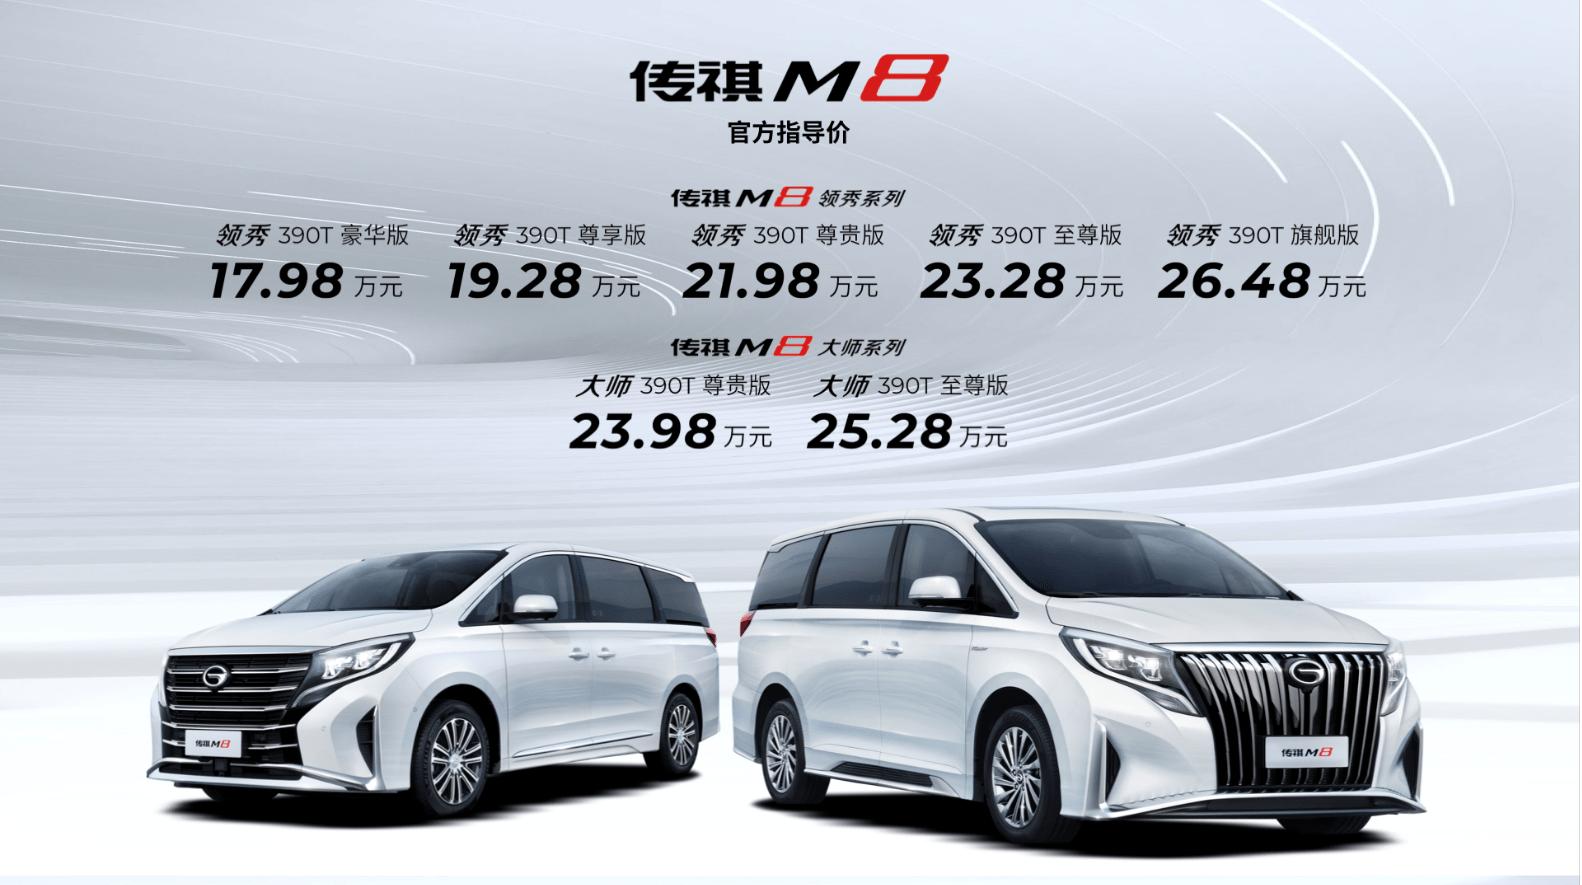 新名字新气象 广汽传祺M8售17.98万元起